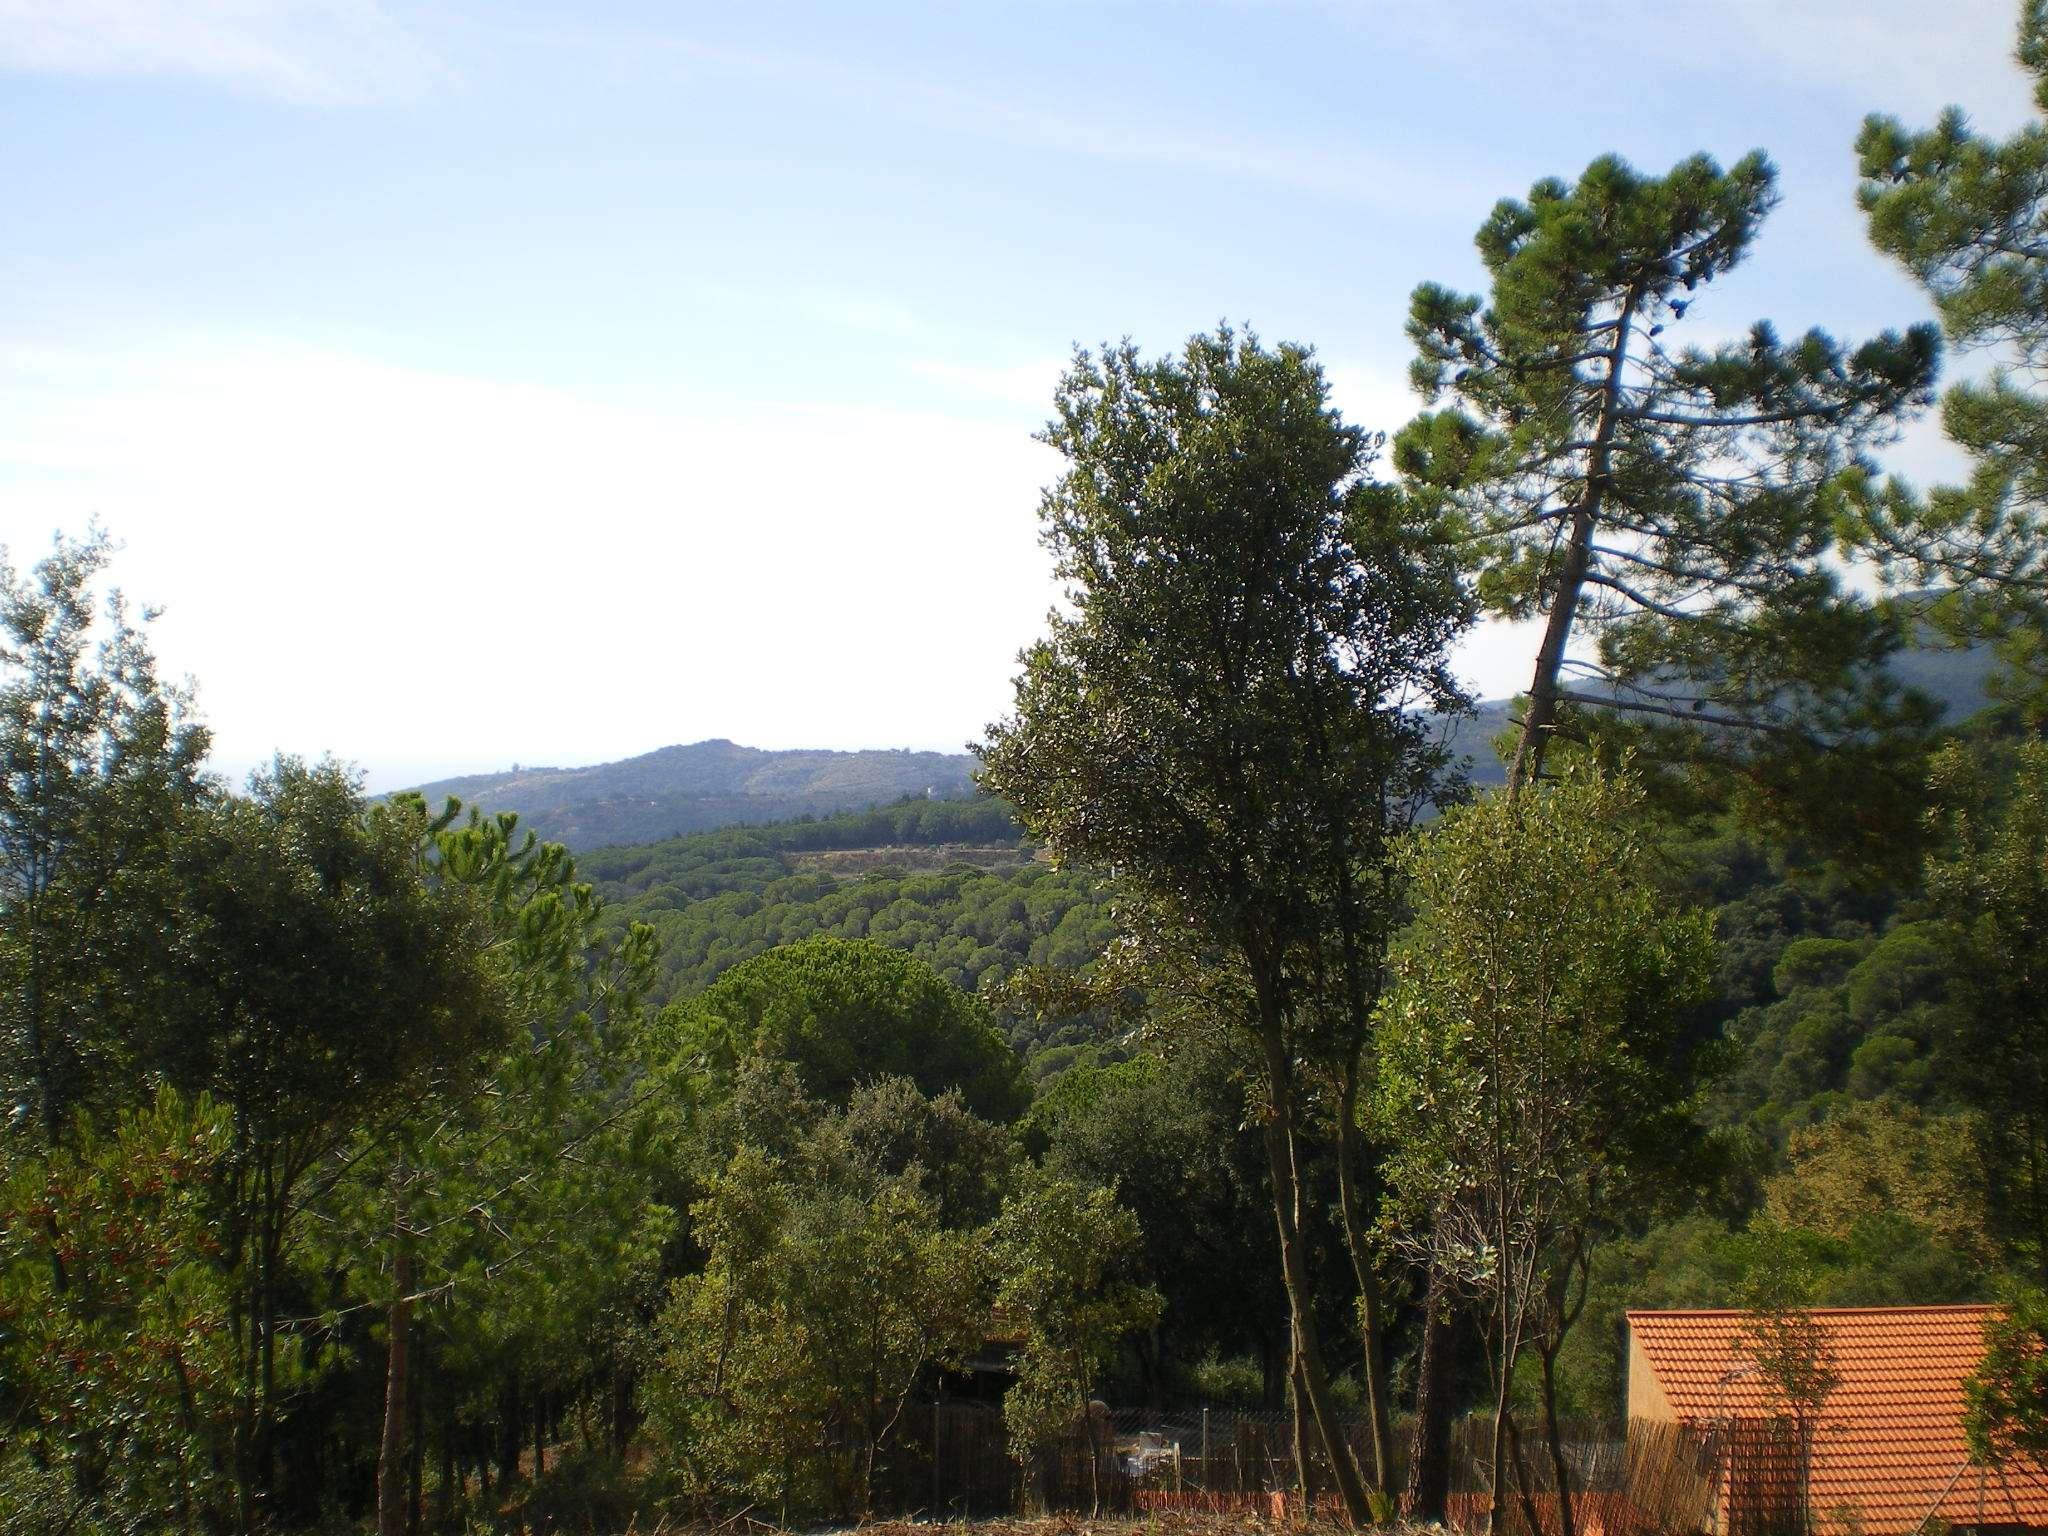 Terreno en Urb. Collsacreu, Arenys de Munt